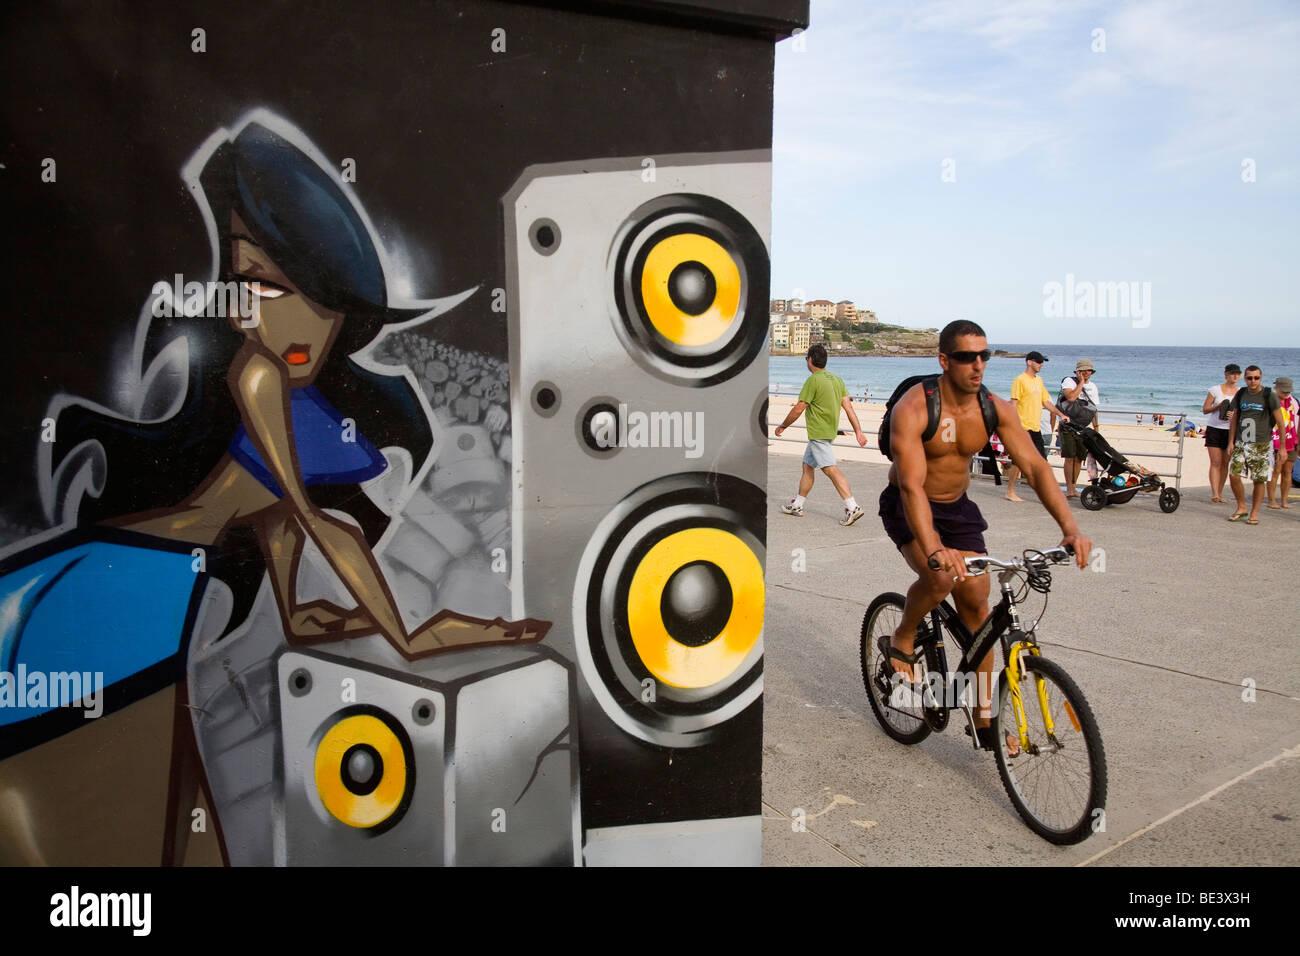 Arte graffiti y lugareños en el paseo a la playa Bondi. Sydney, New South Wales, Australia Imagen De Stock